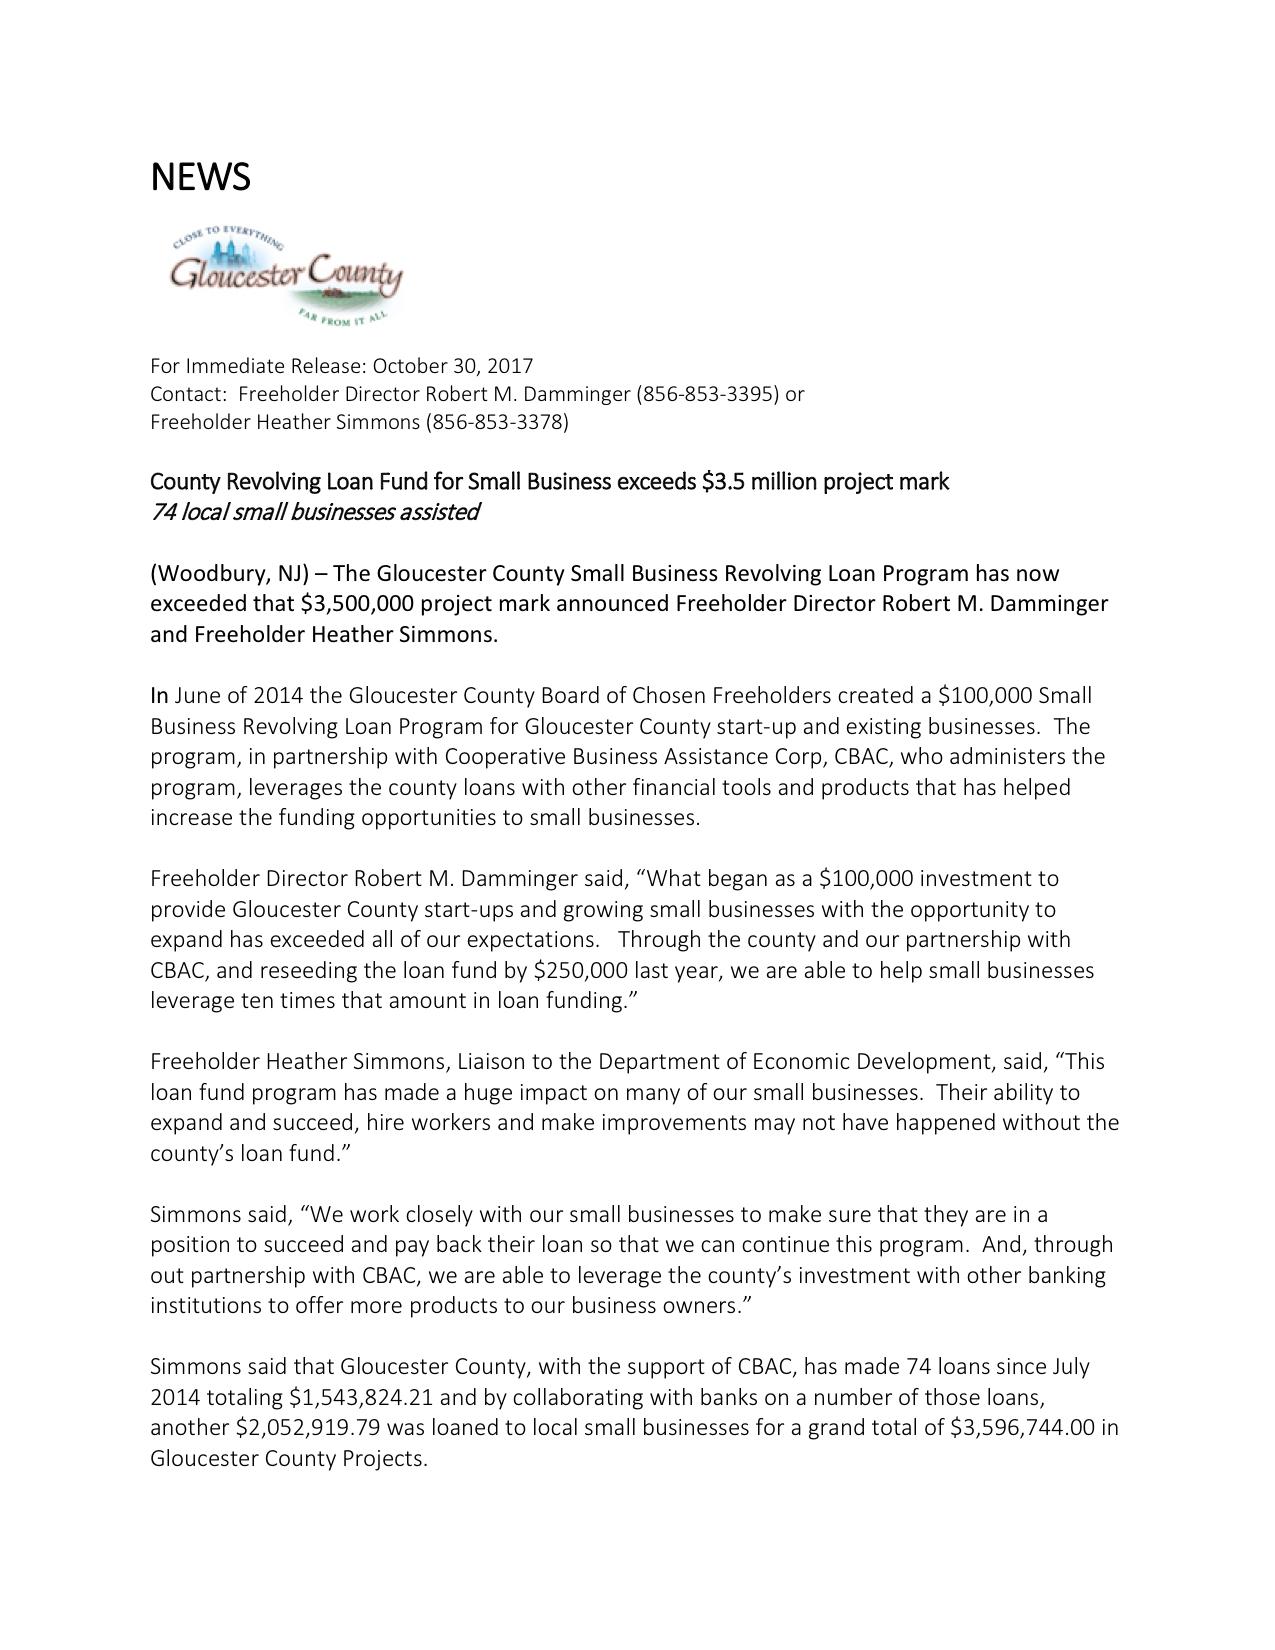 Loan Fund Press Release 2017.jpeg